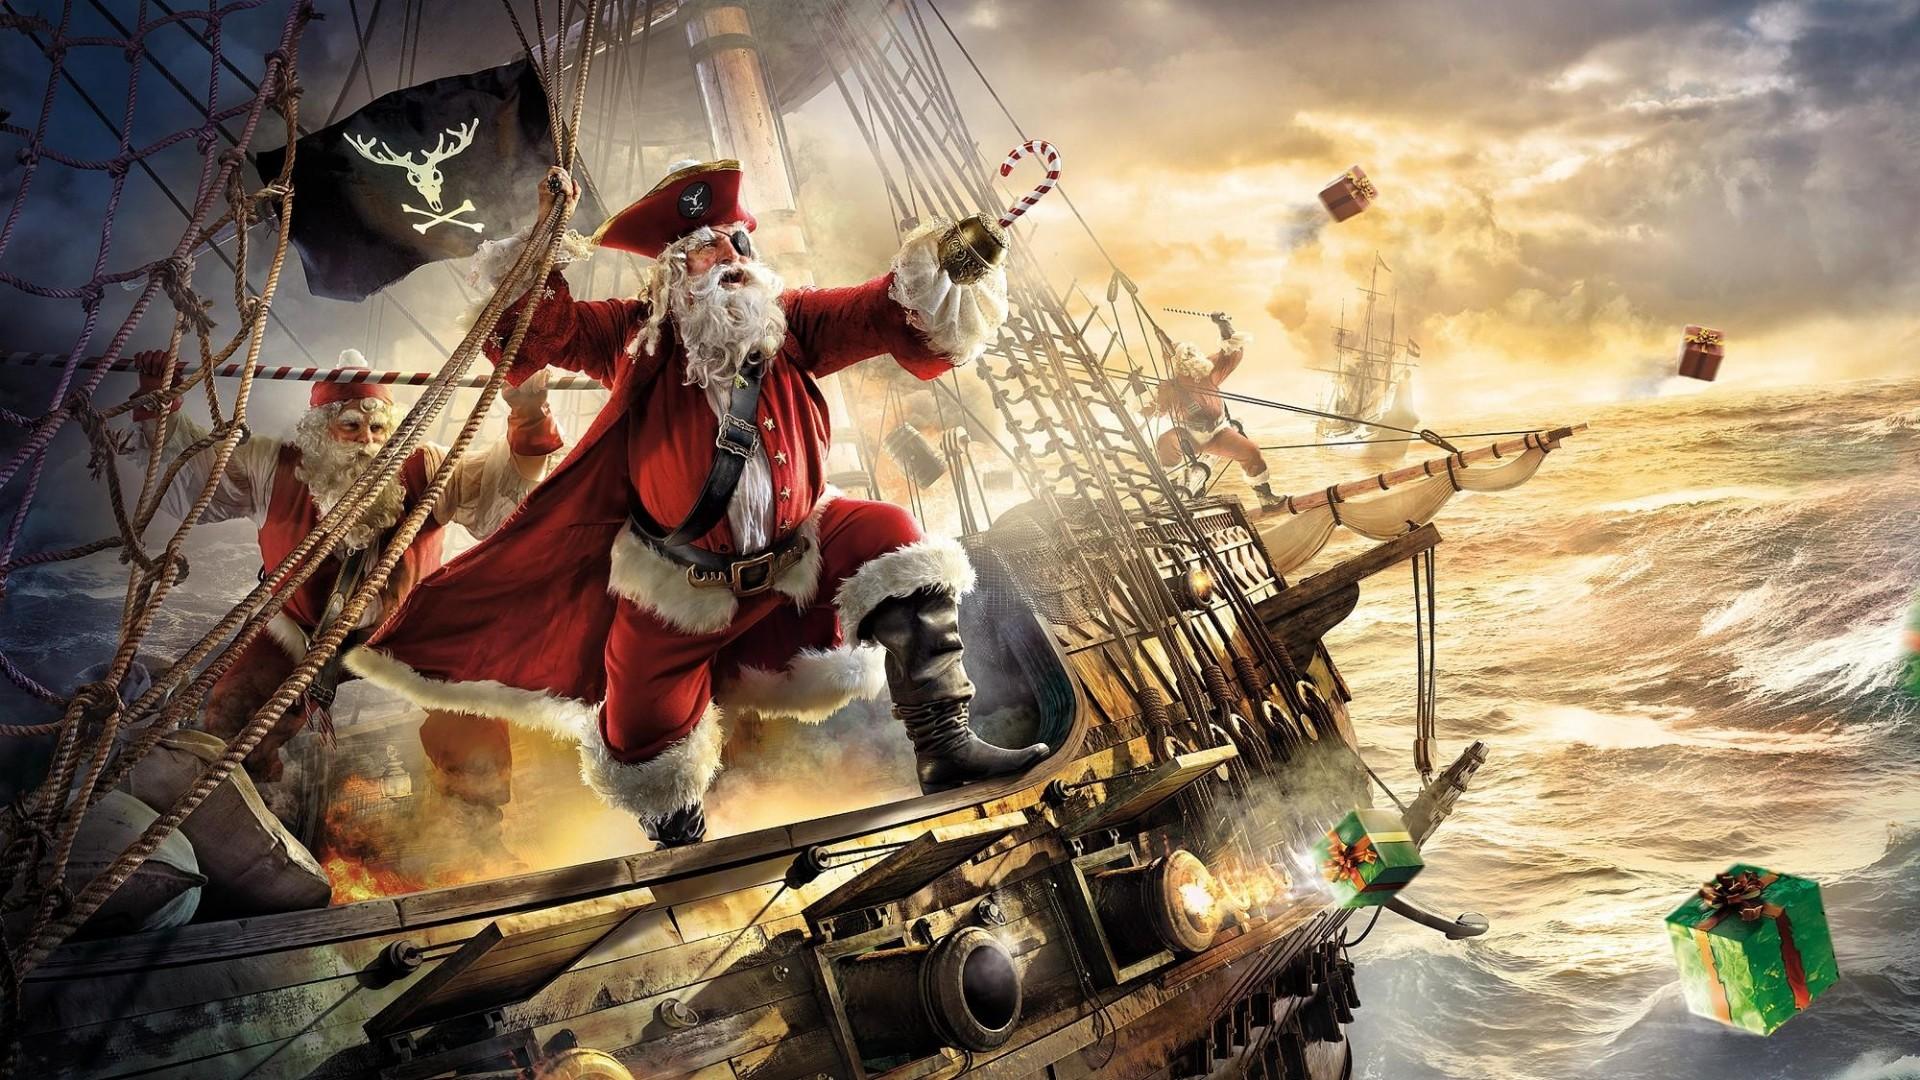 Wallpaper santa claus, pirate, ship, gifts, sea, storm